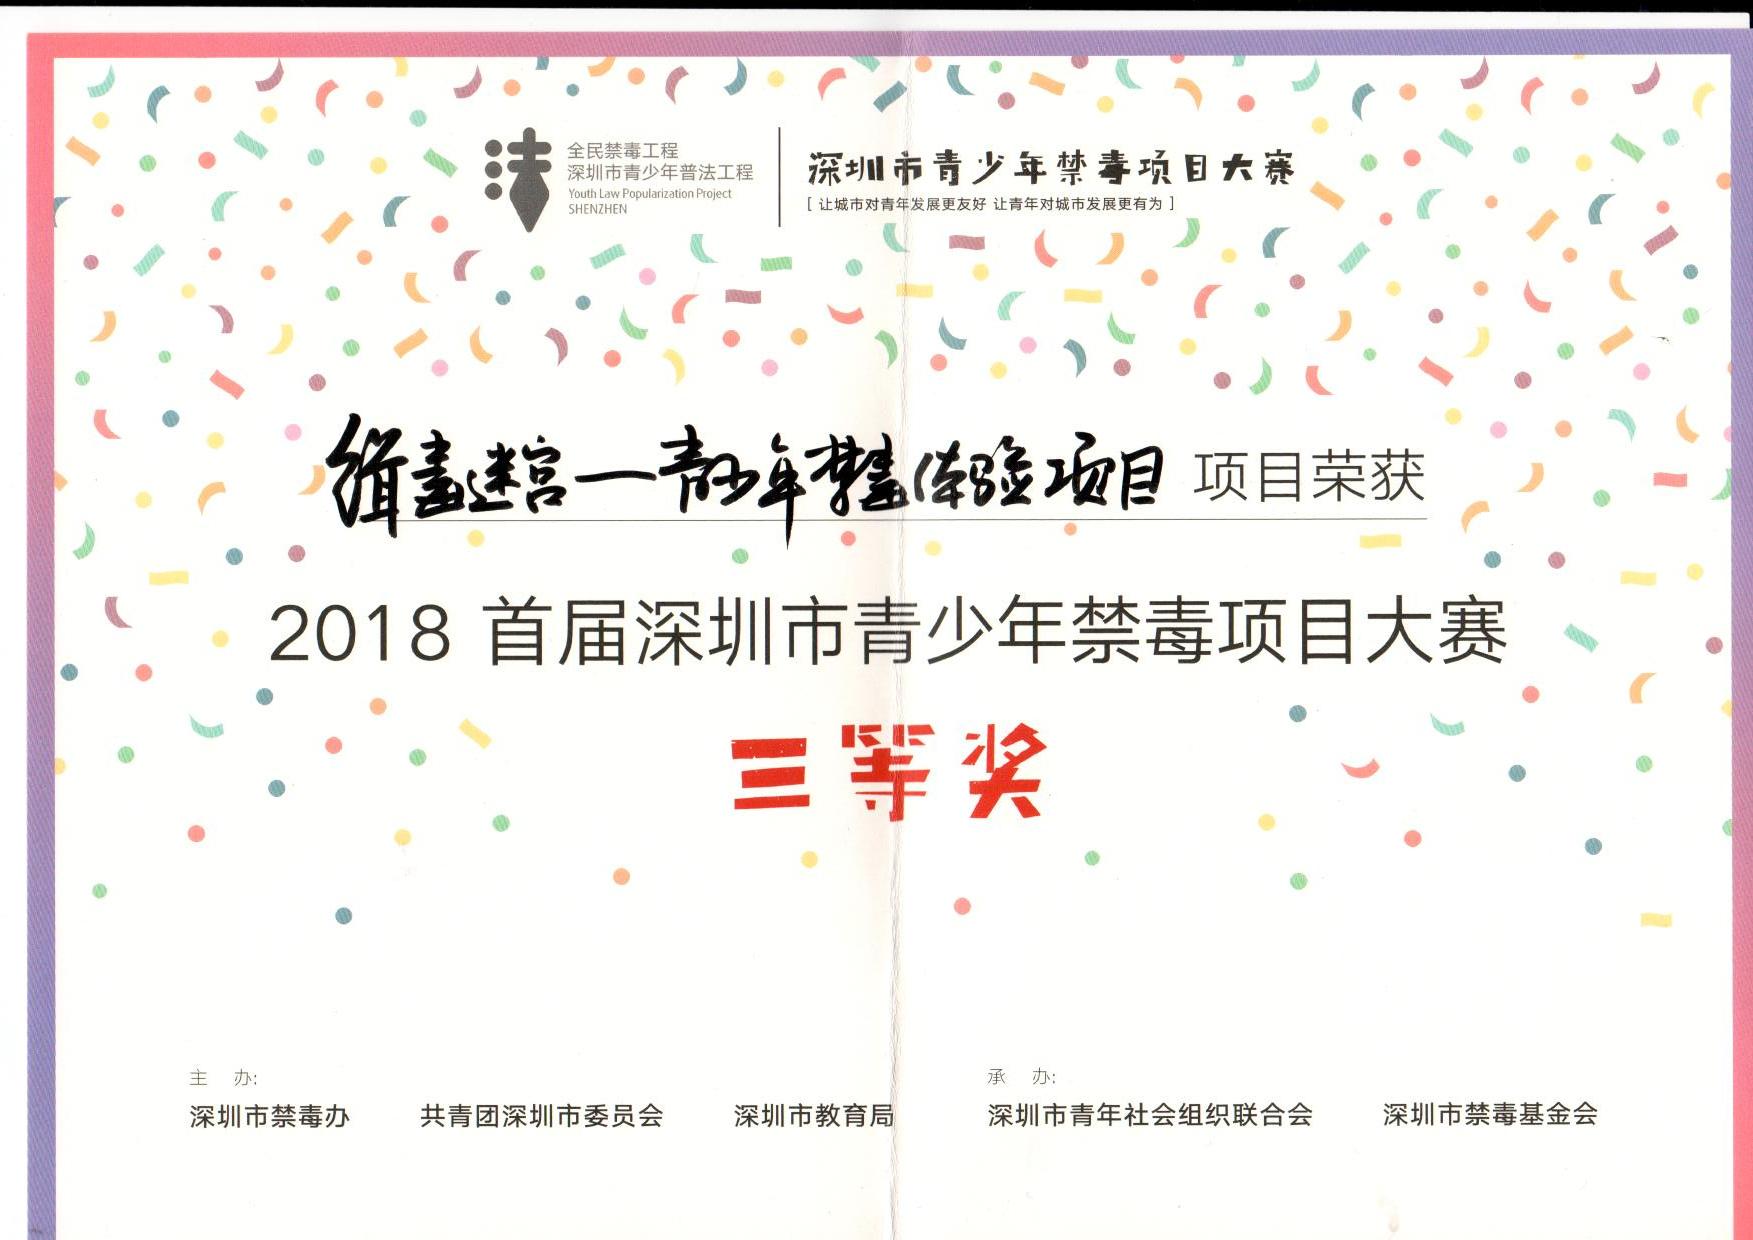 """缉毒迷宫""""项目荣获深圳市首届青少年禁毒项目大赛三等奖"""